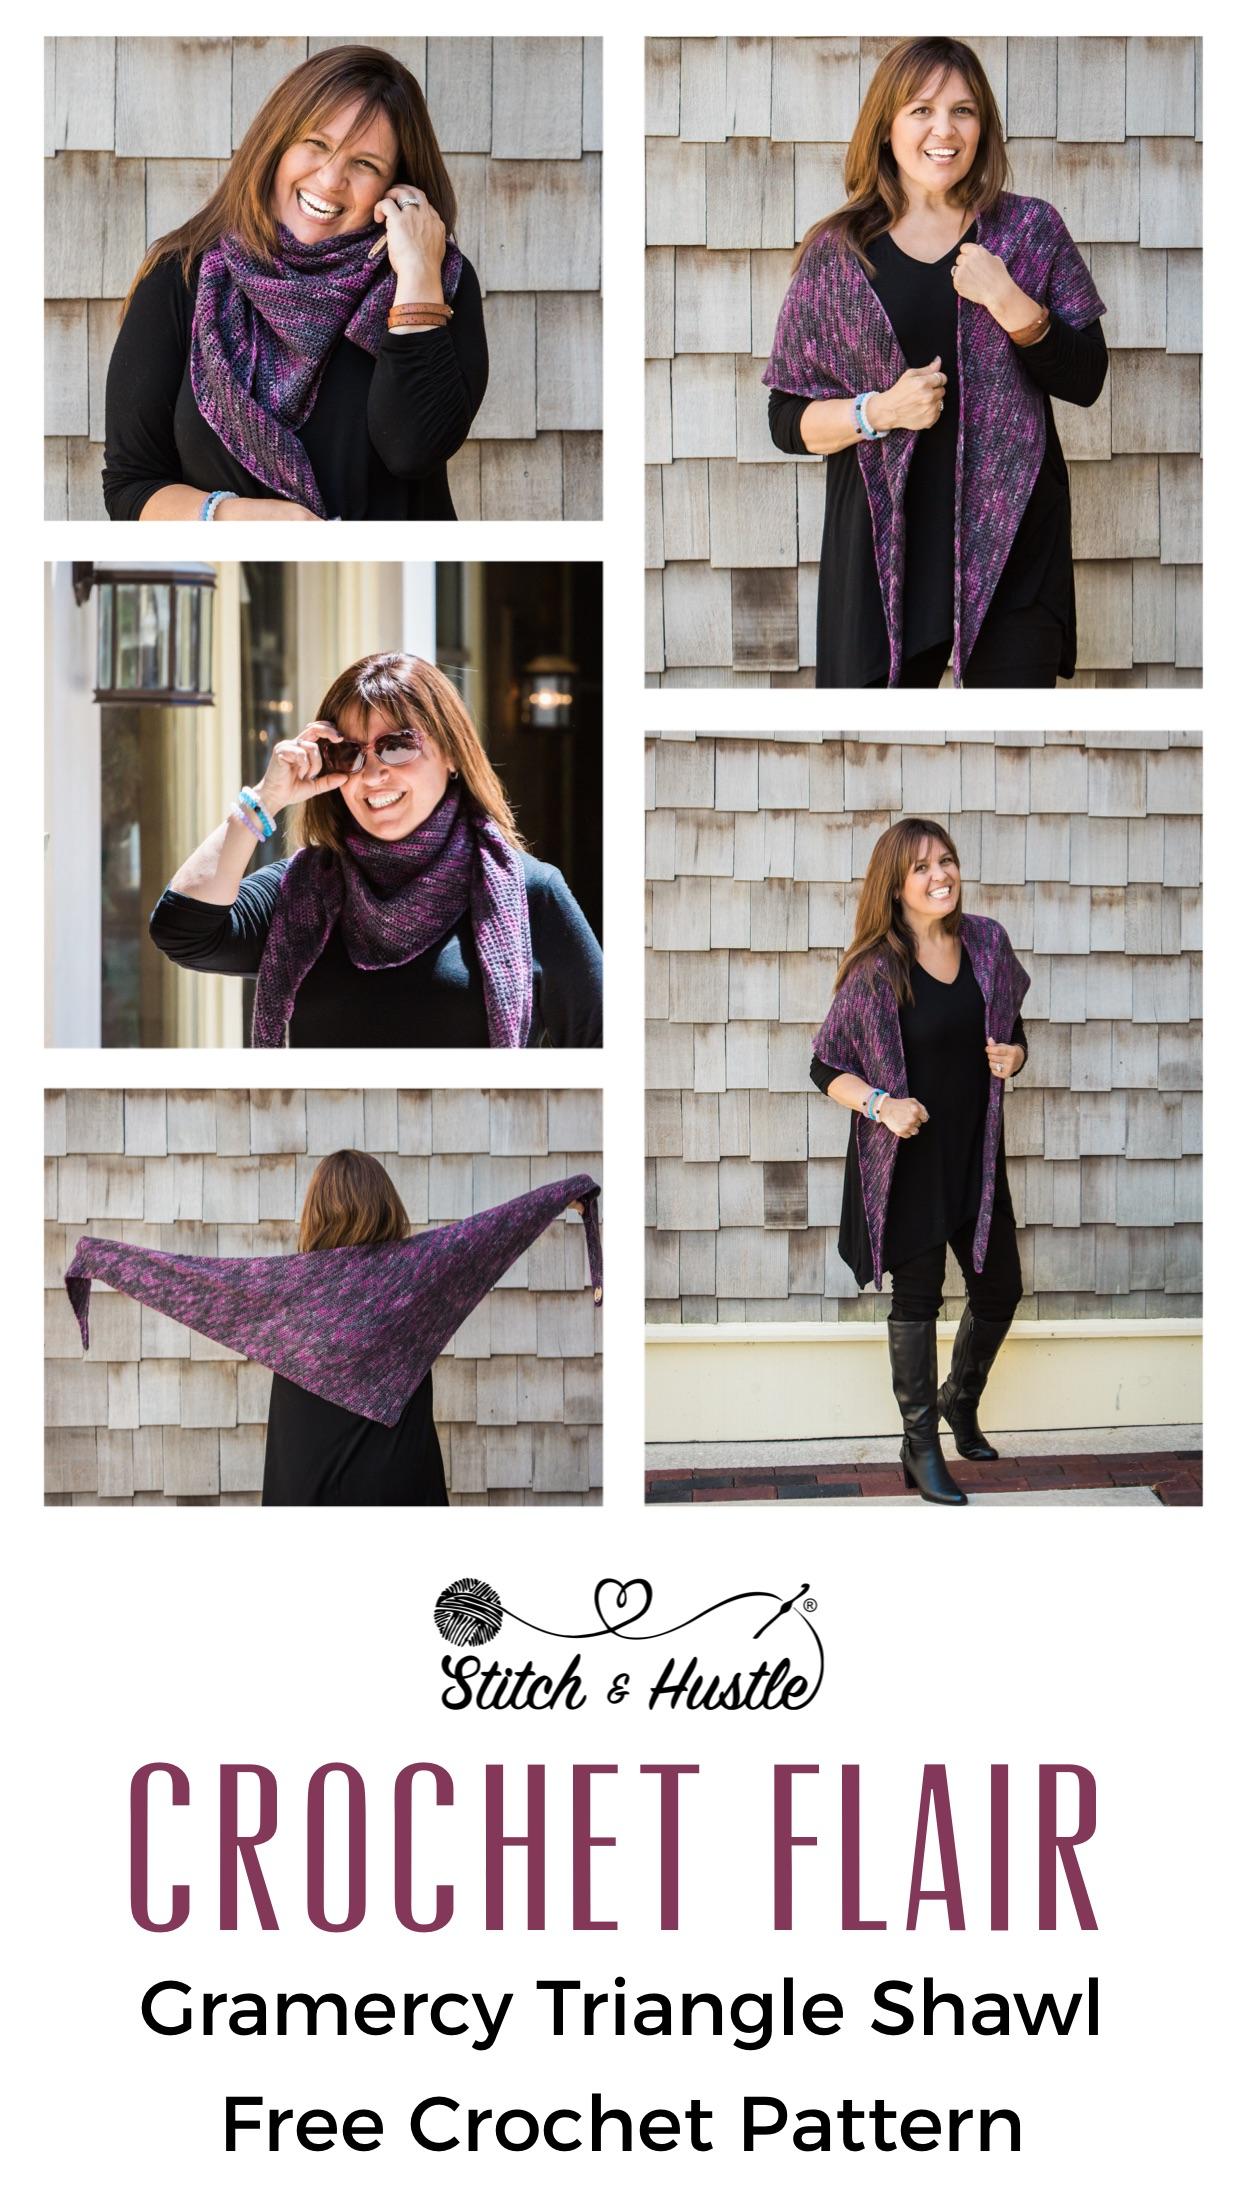 asymmetrical_trinagle_shawl_free-crochet-pattern_4.jpg